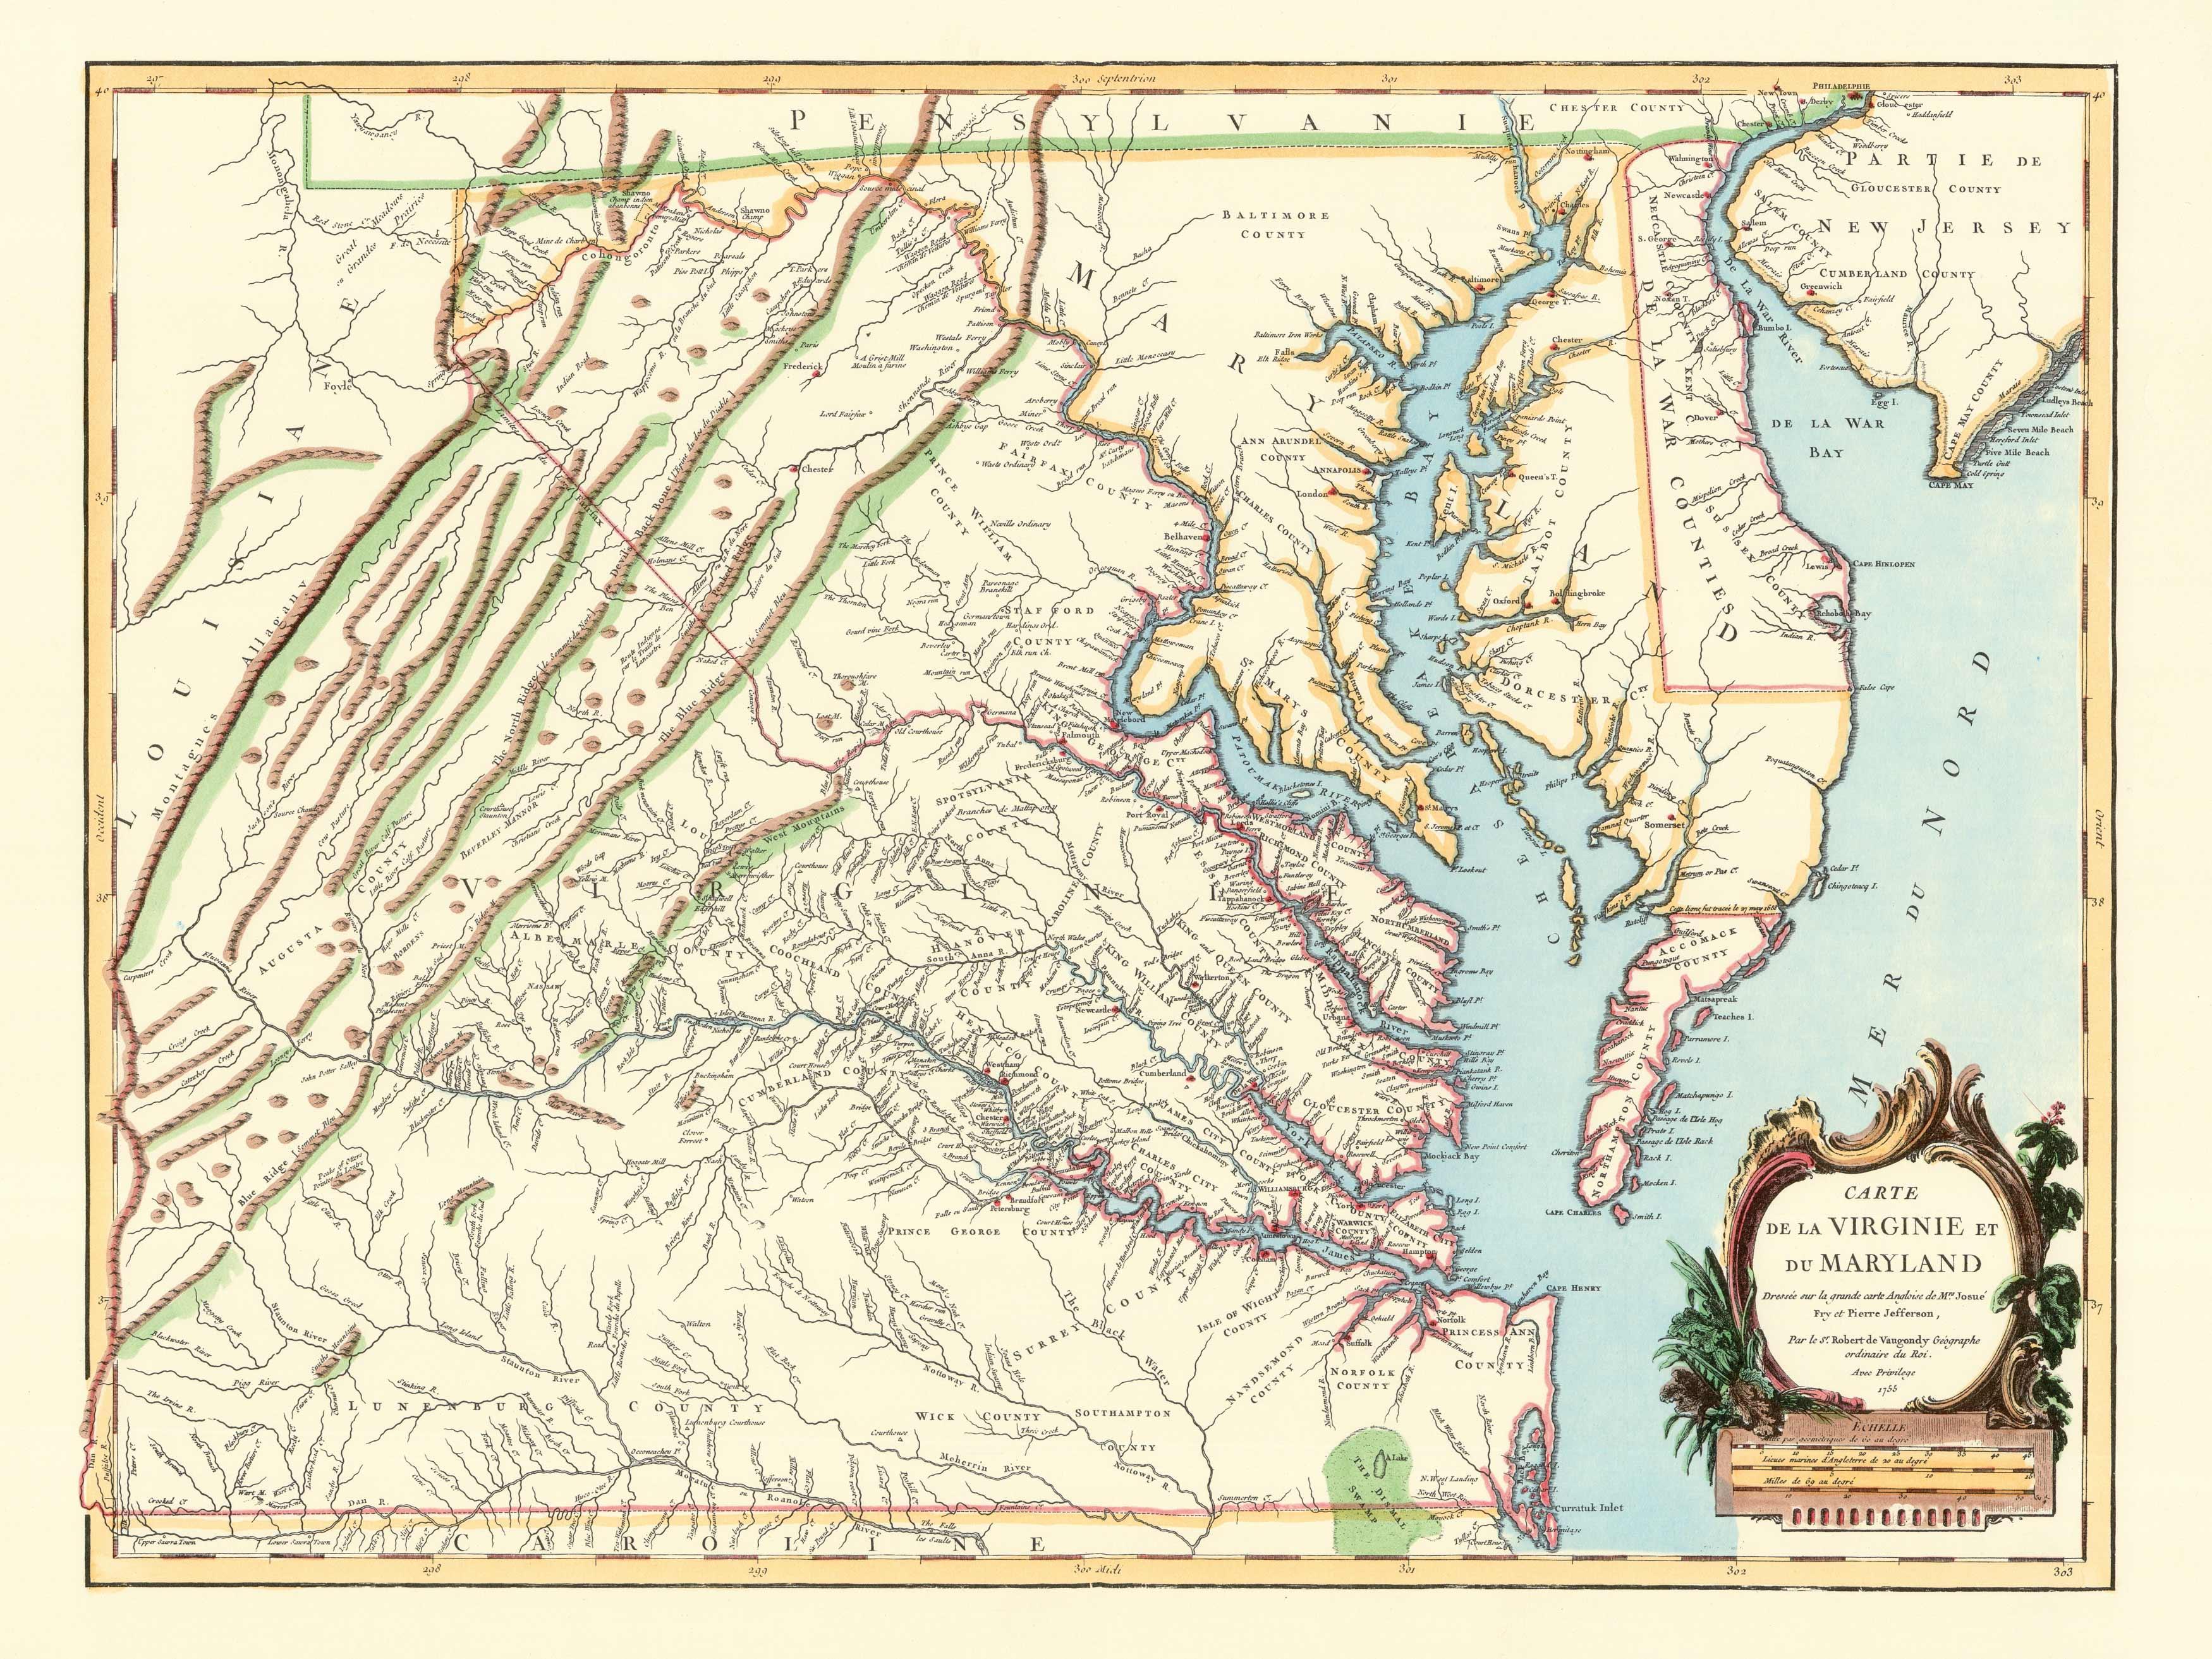 Virginia & Maryland: 1755